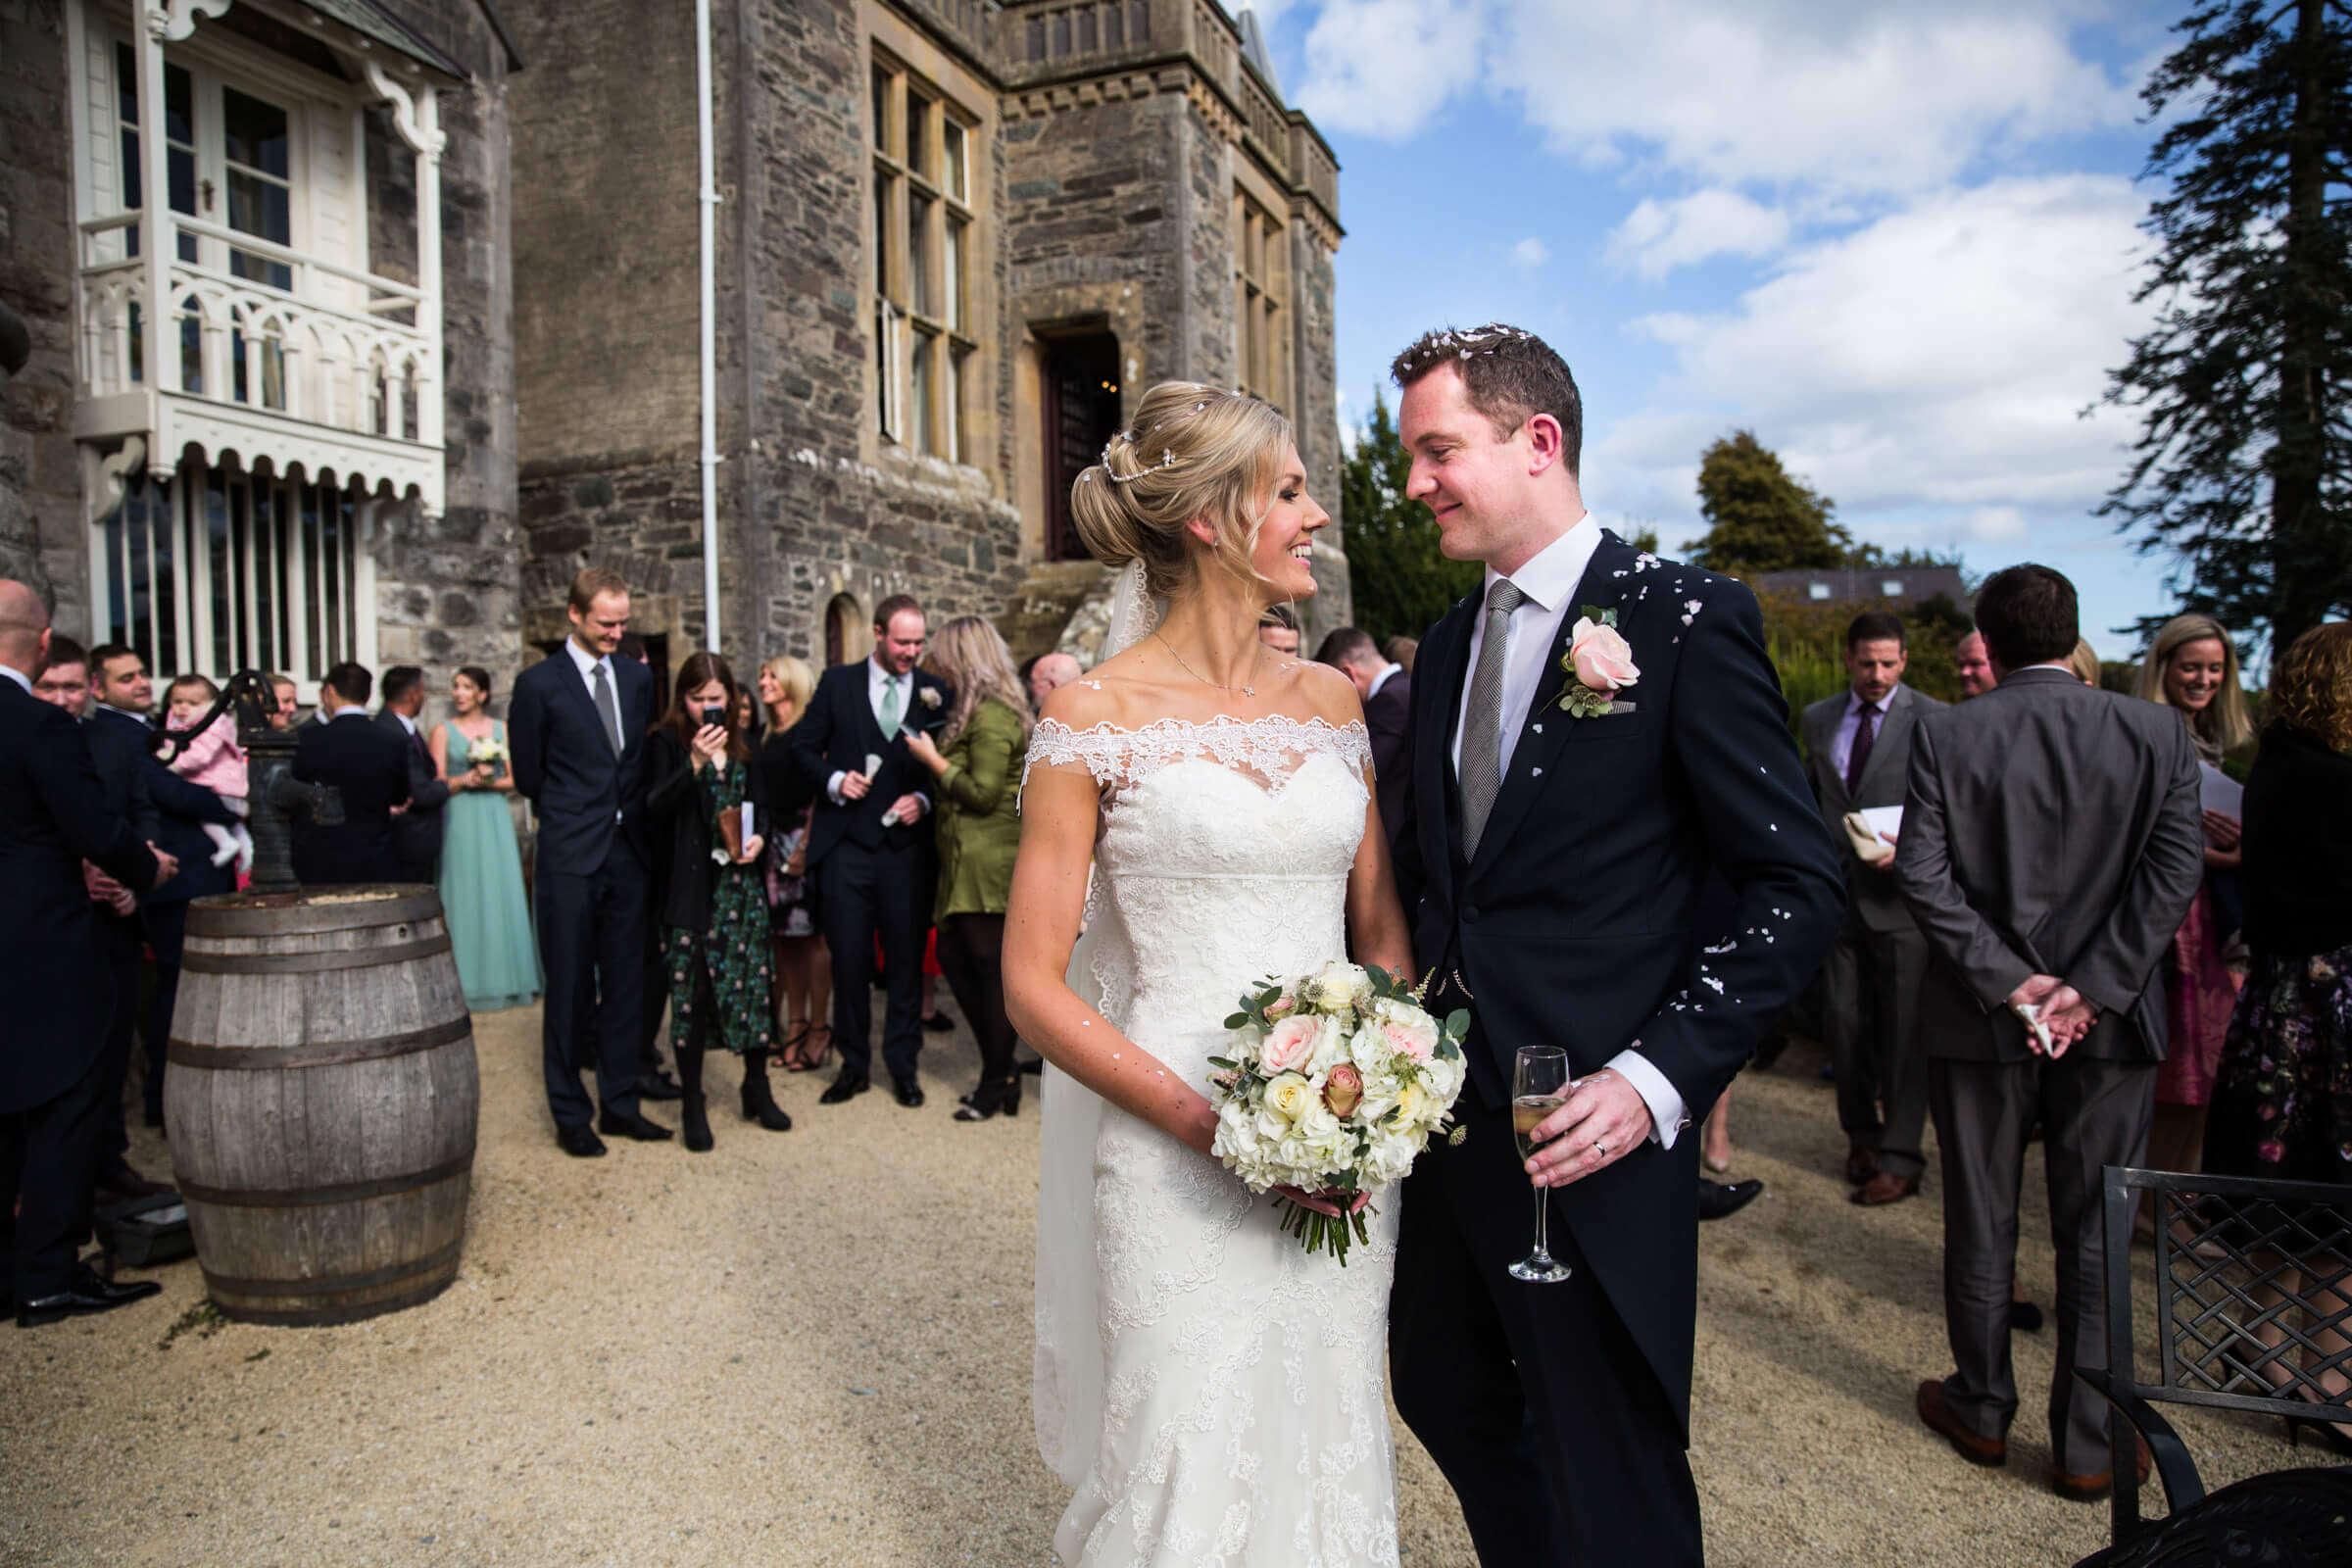 Chateau_Rhianfa_Wedding_Photography_039.jpg